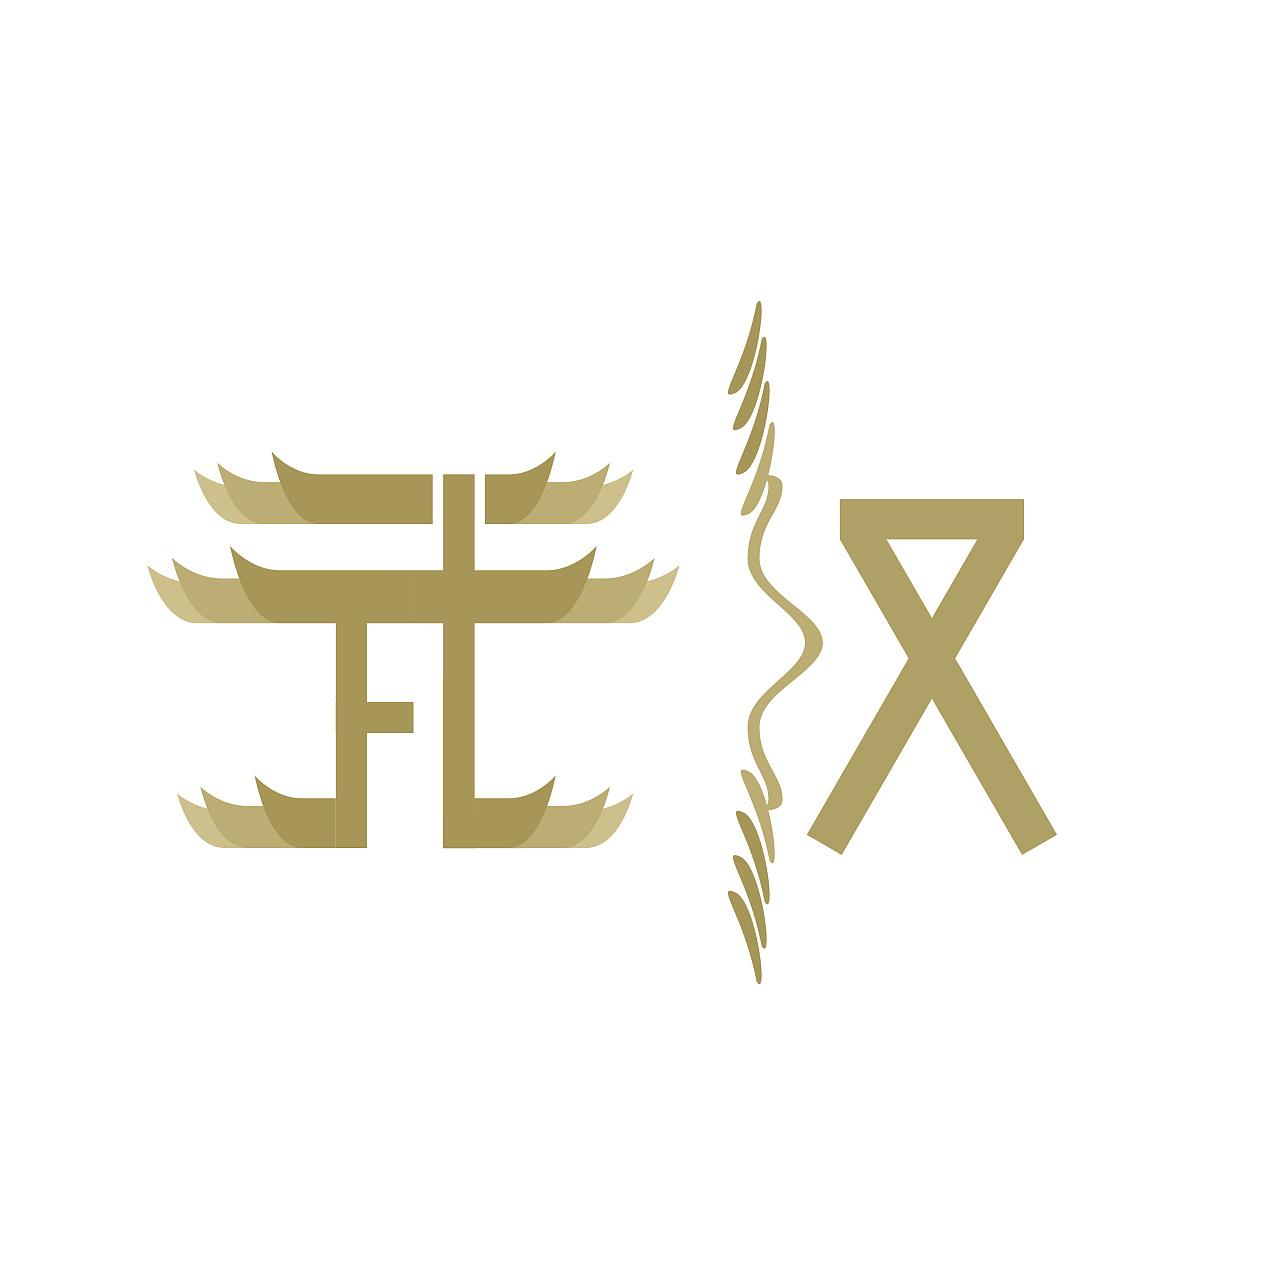 天津电视塔_2 7 个全国主要城市名字【字体设计】 平面 图案 ihatter - 原创作品 ...